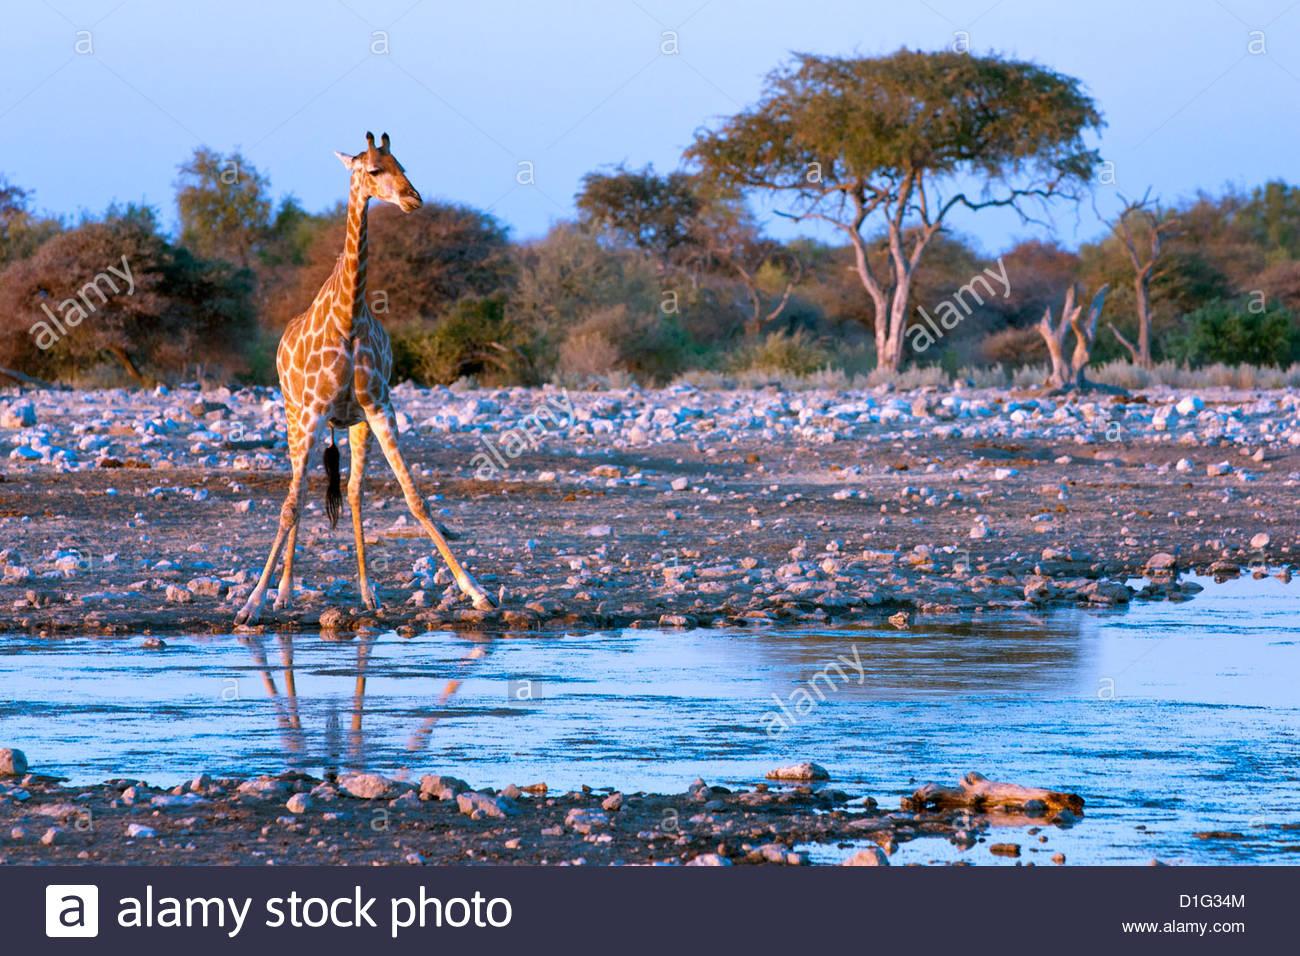 Giraffe (Giraffa camelopardis), Namibia, Africa Stock Photo